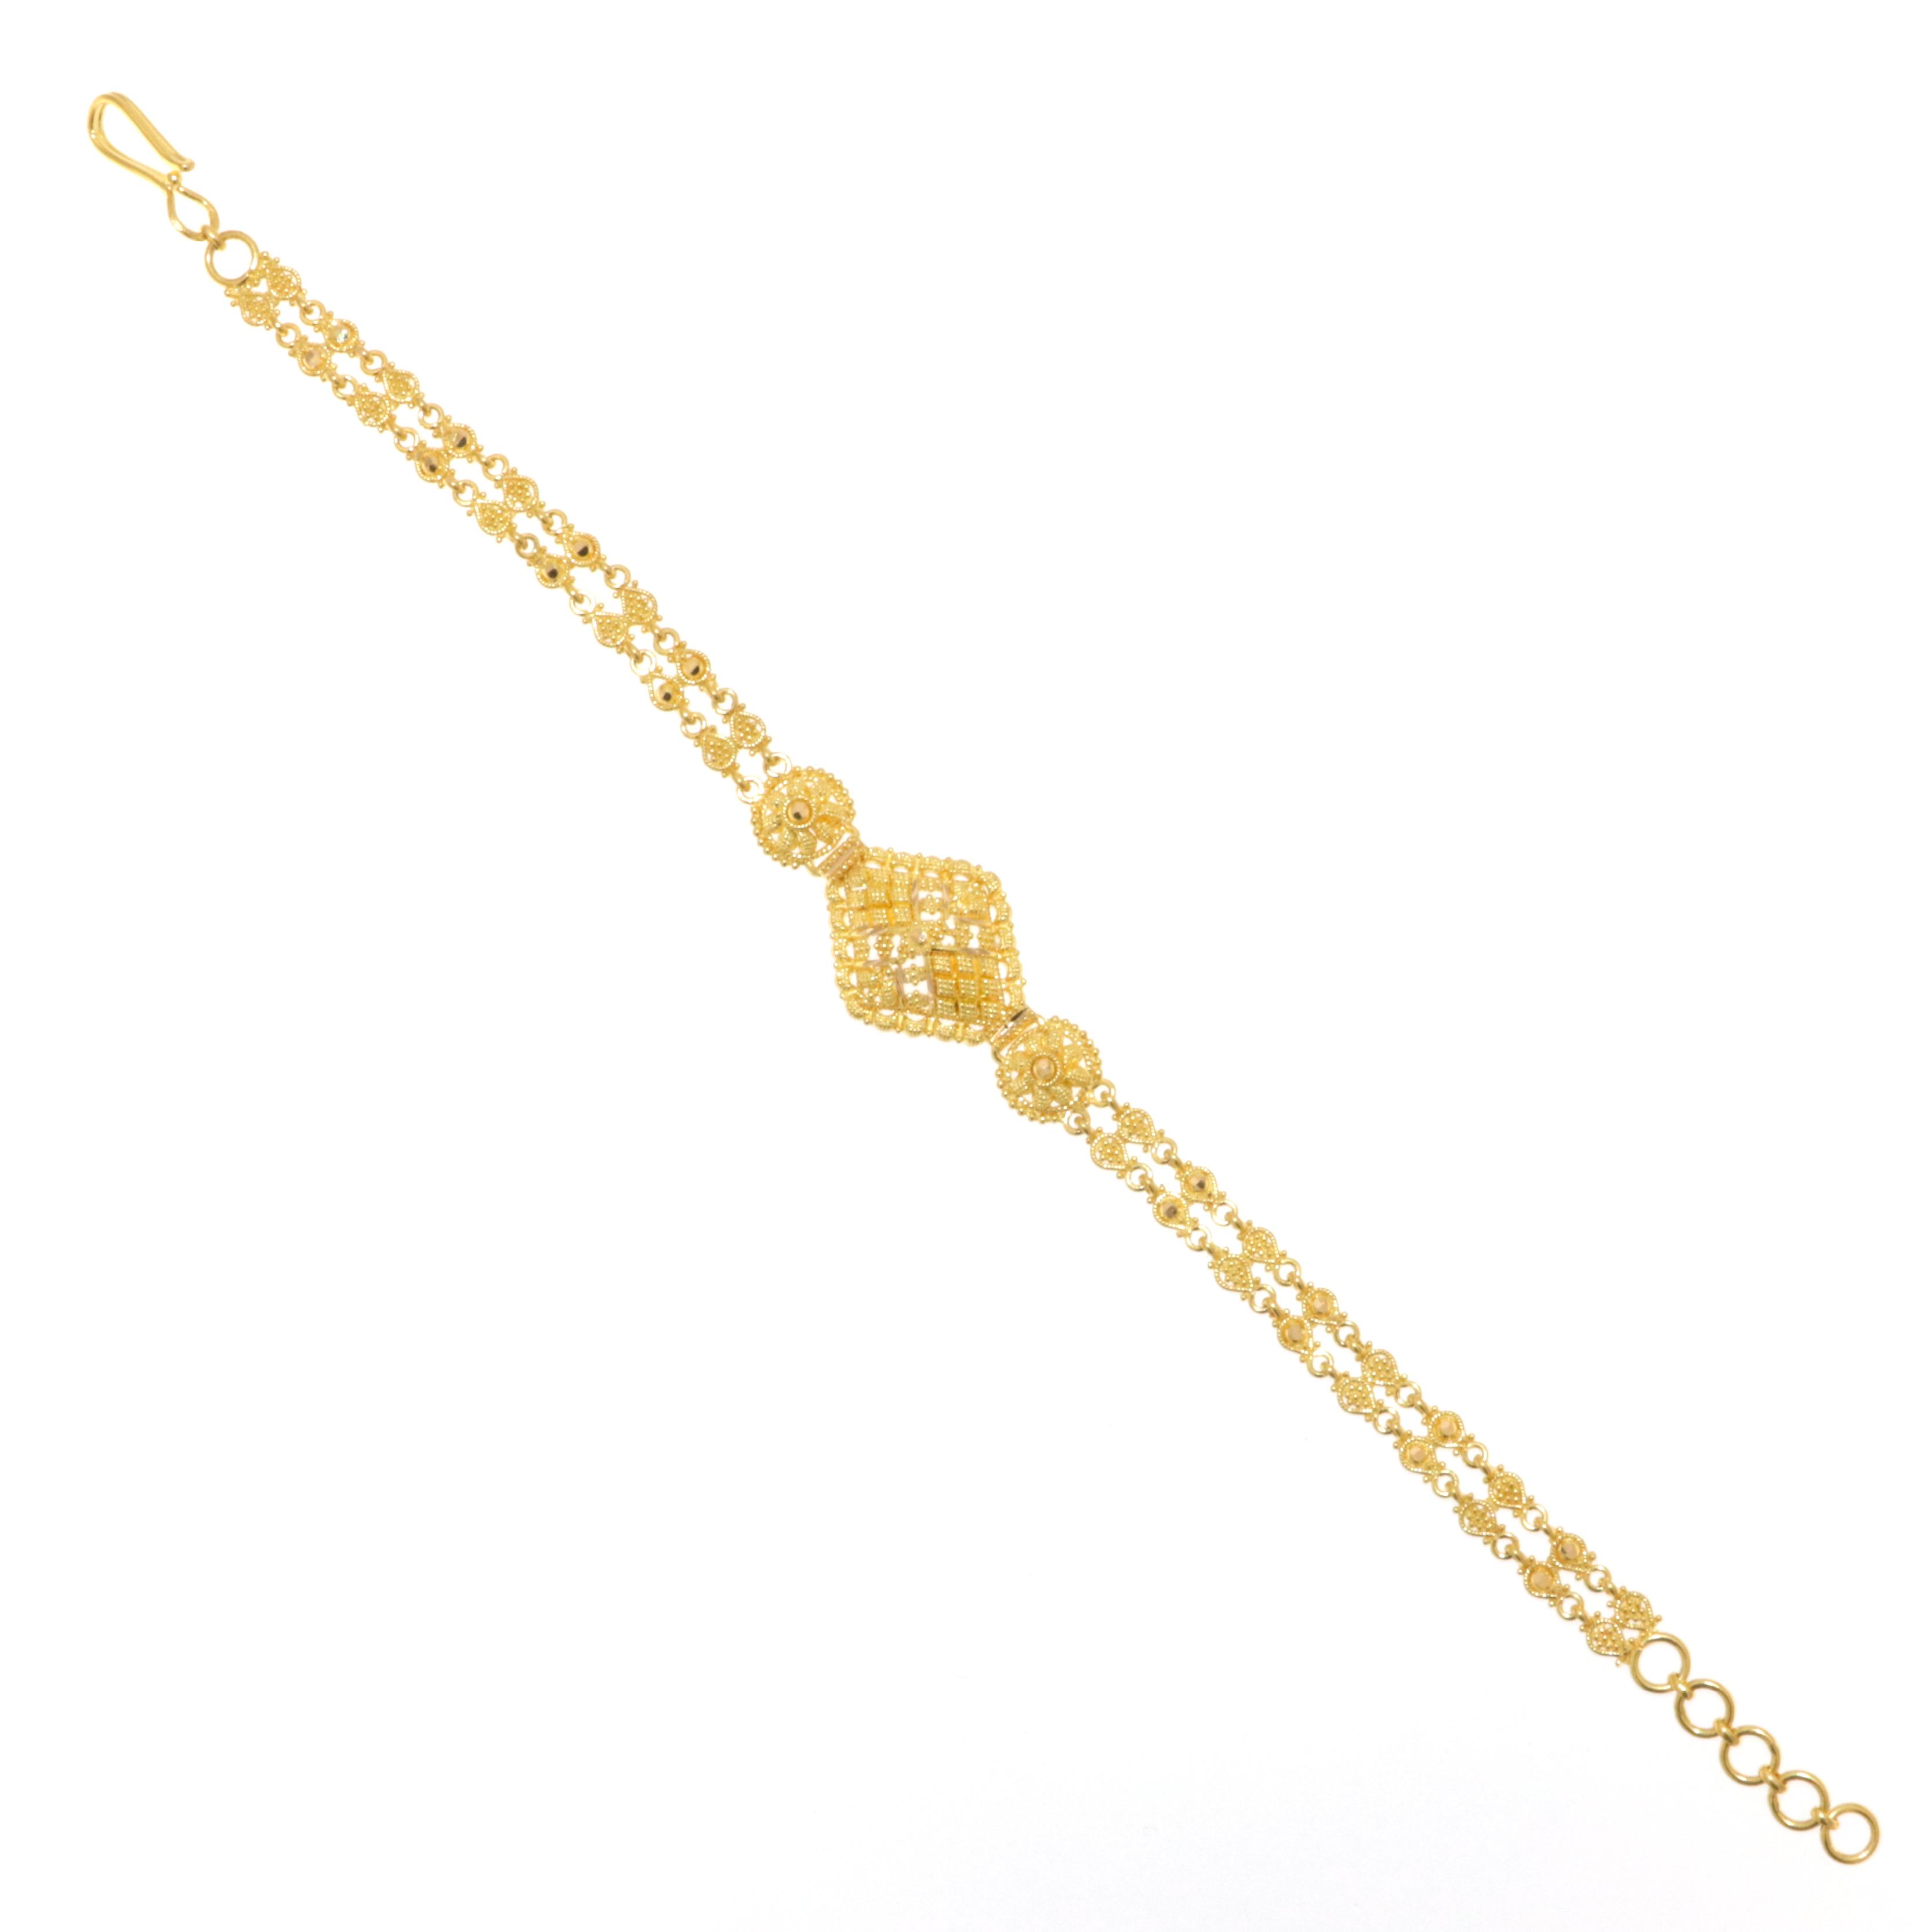 38535_Bracelet6-3Best.Jpg